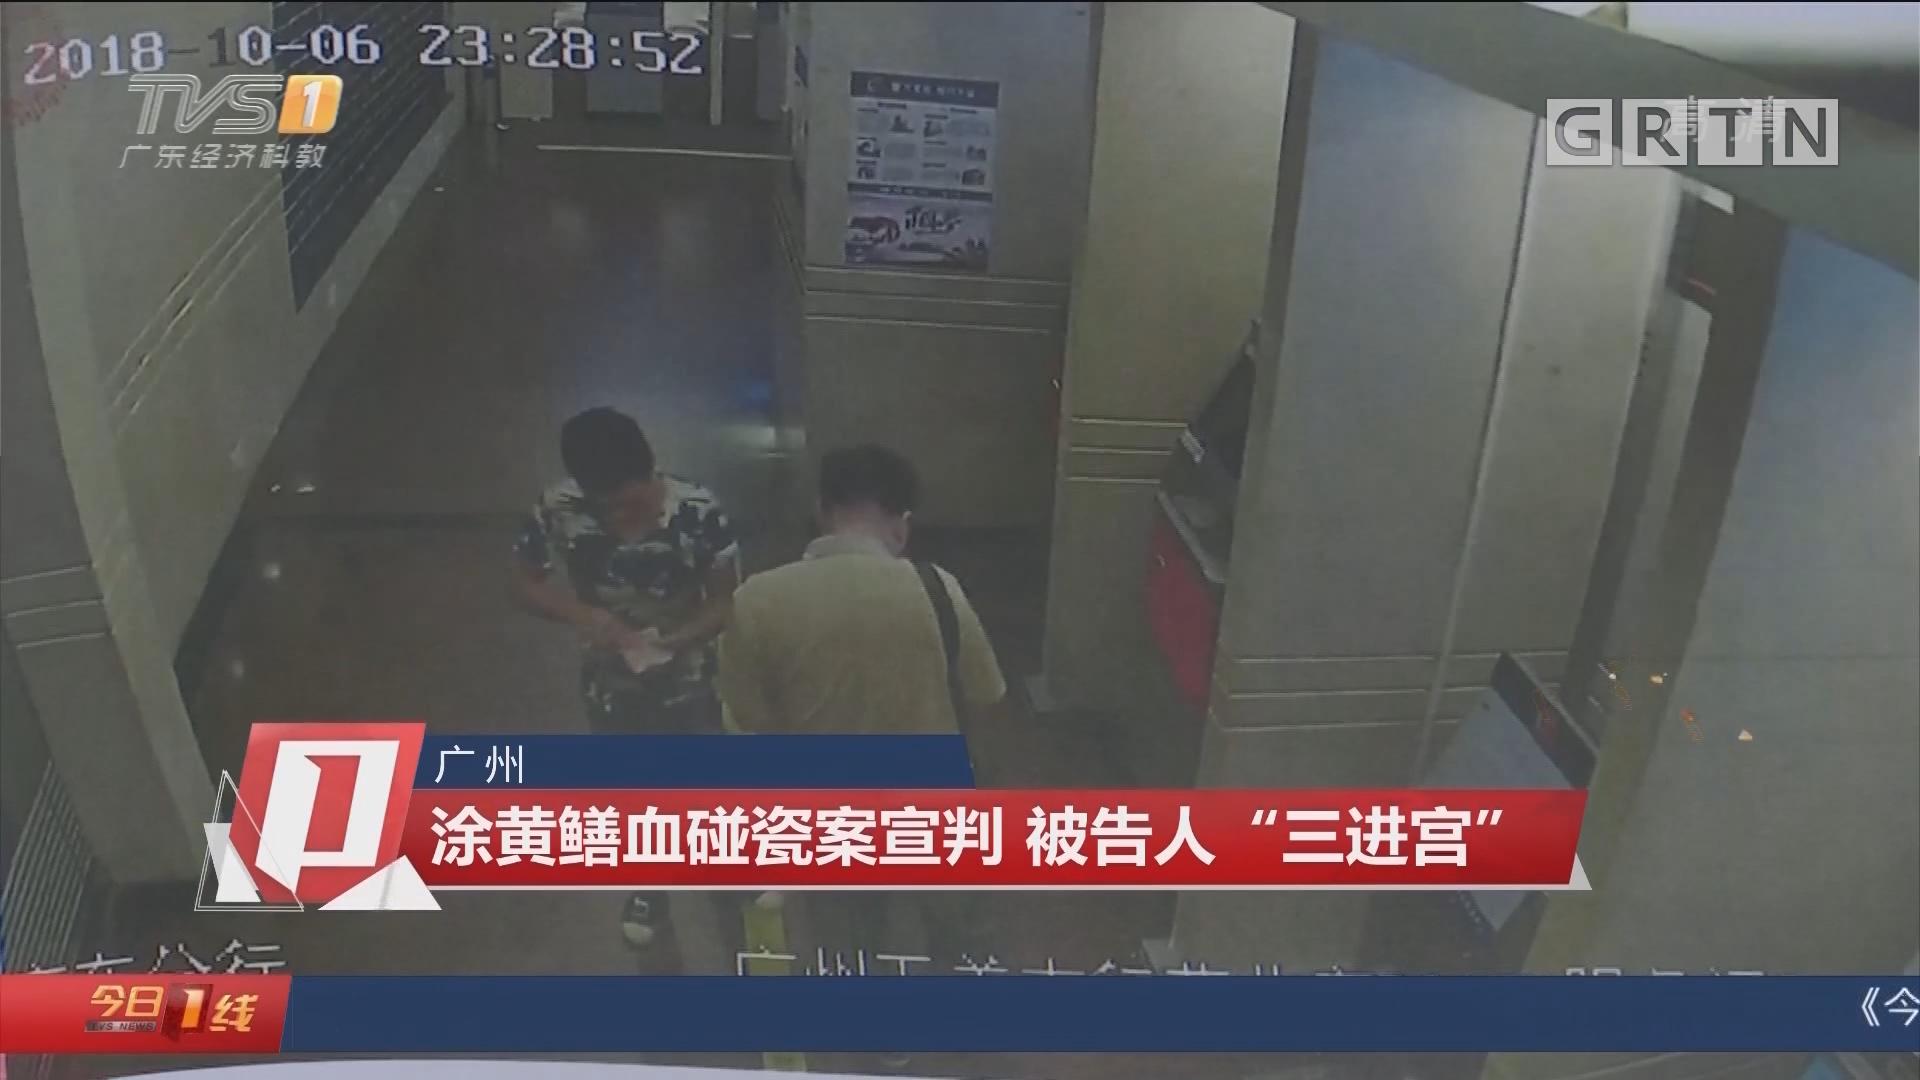 """广州 涂黄鳝血碰瓷案宣判 被告人""""三进宫"""""""